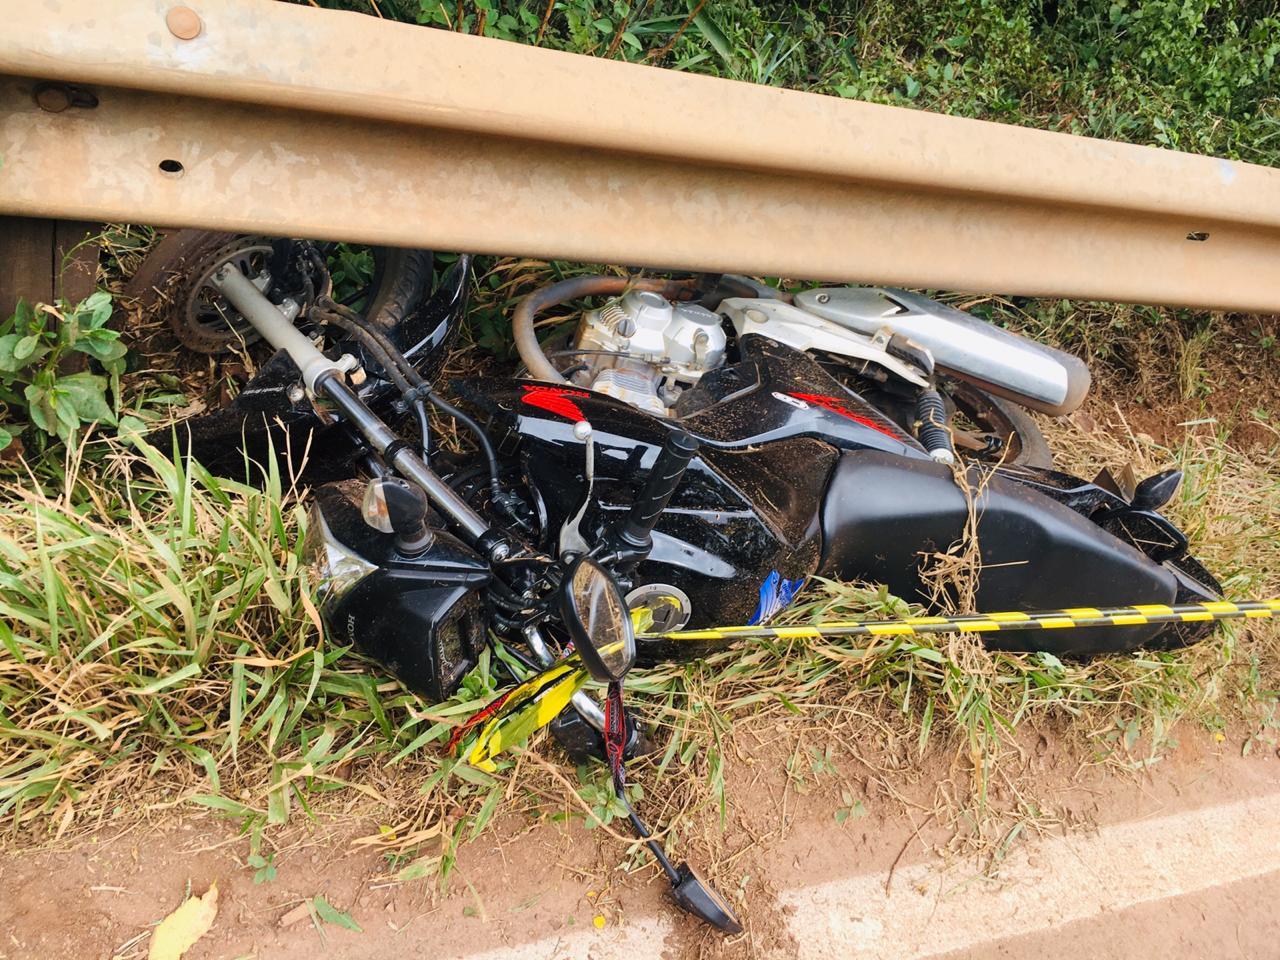 Moto saiu da pista e se chocou com uma defensa metálica | Foto: PMRv/Divulgação